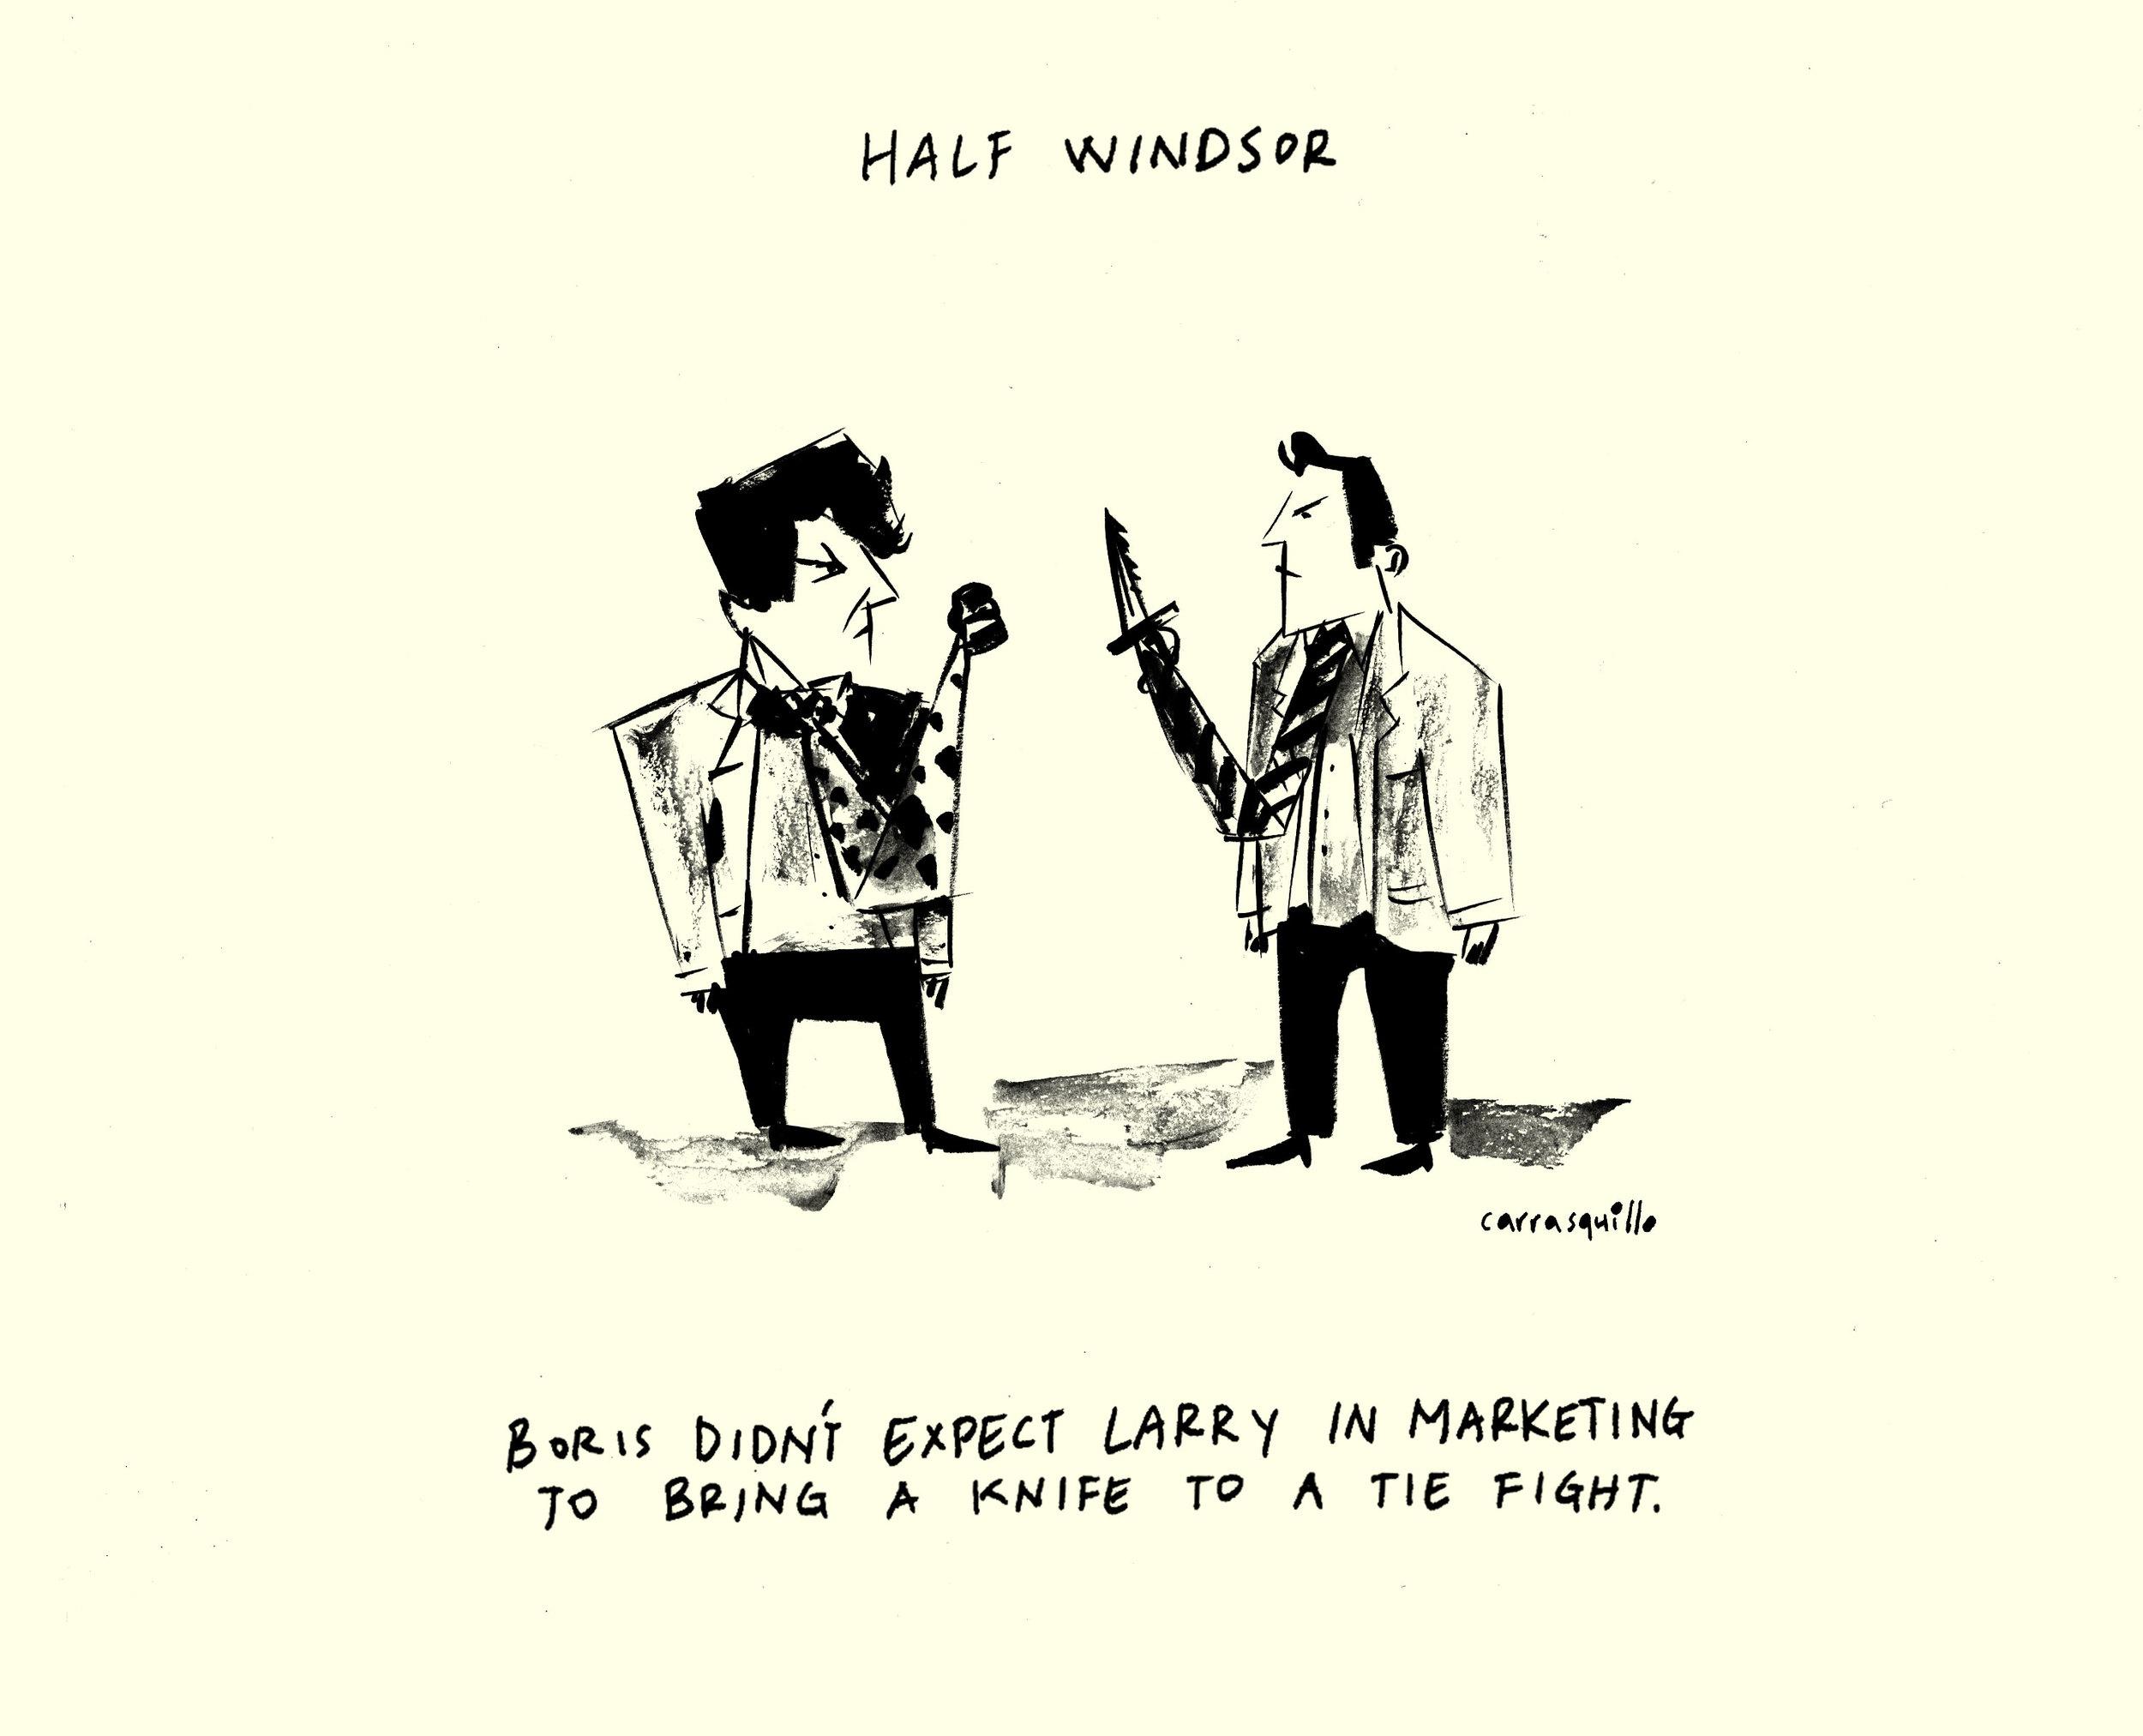 SIC_2014_Half-Windsor.jpg